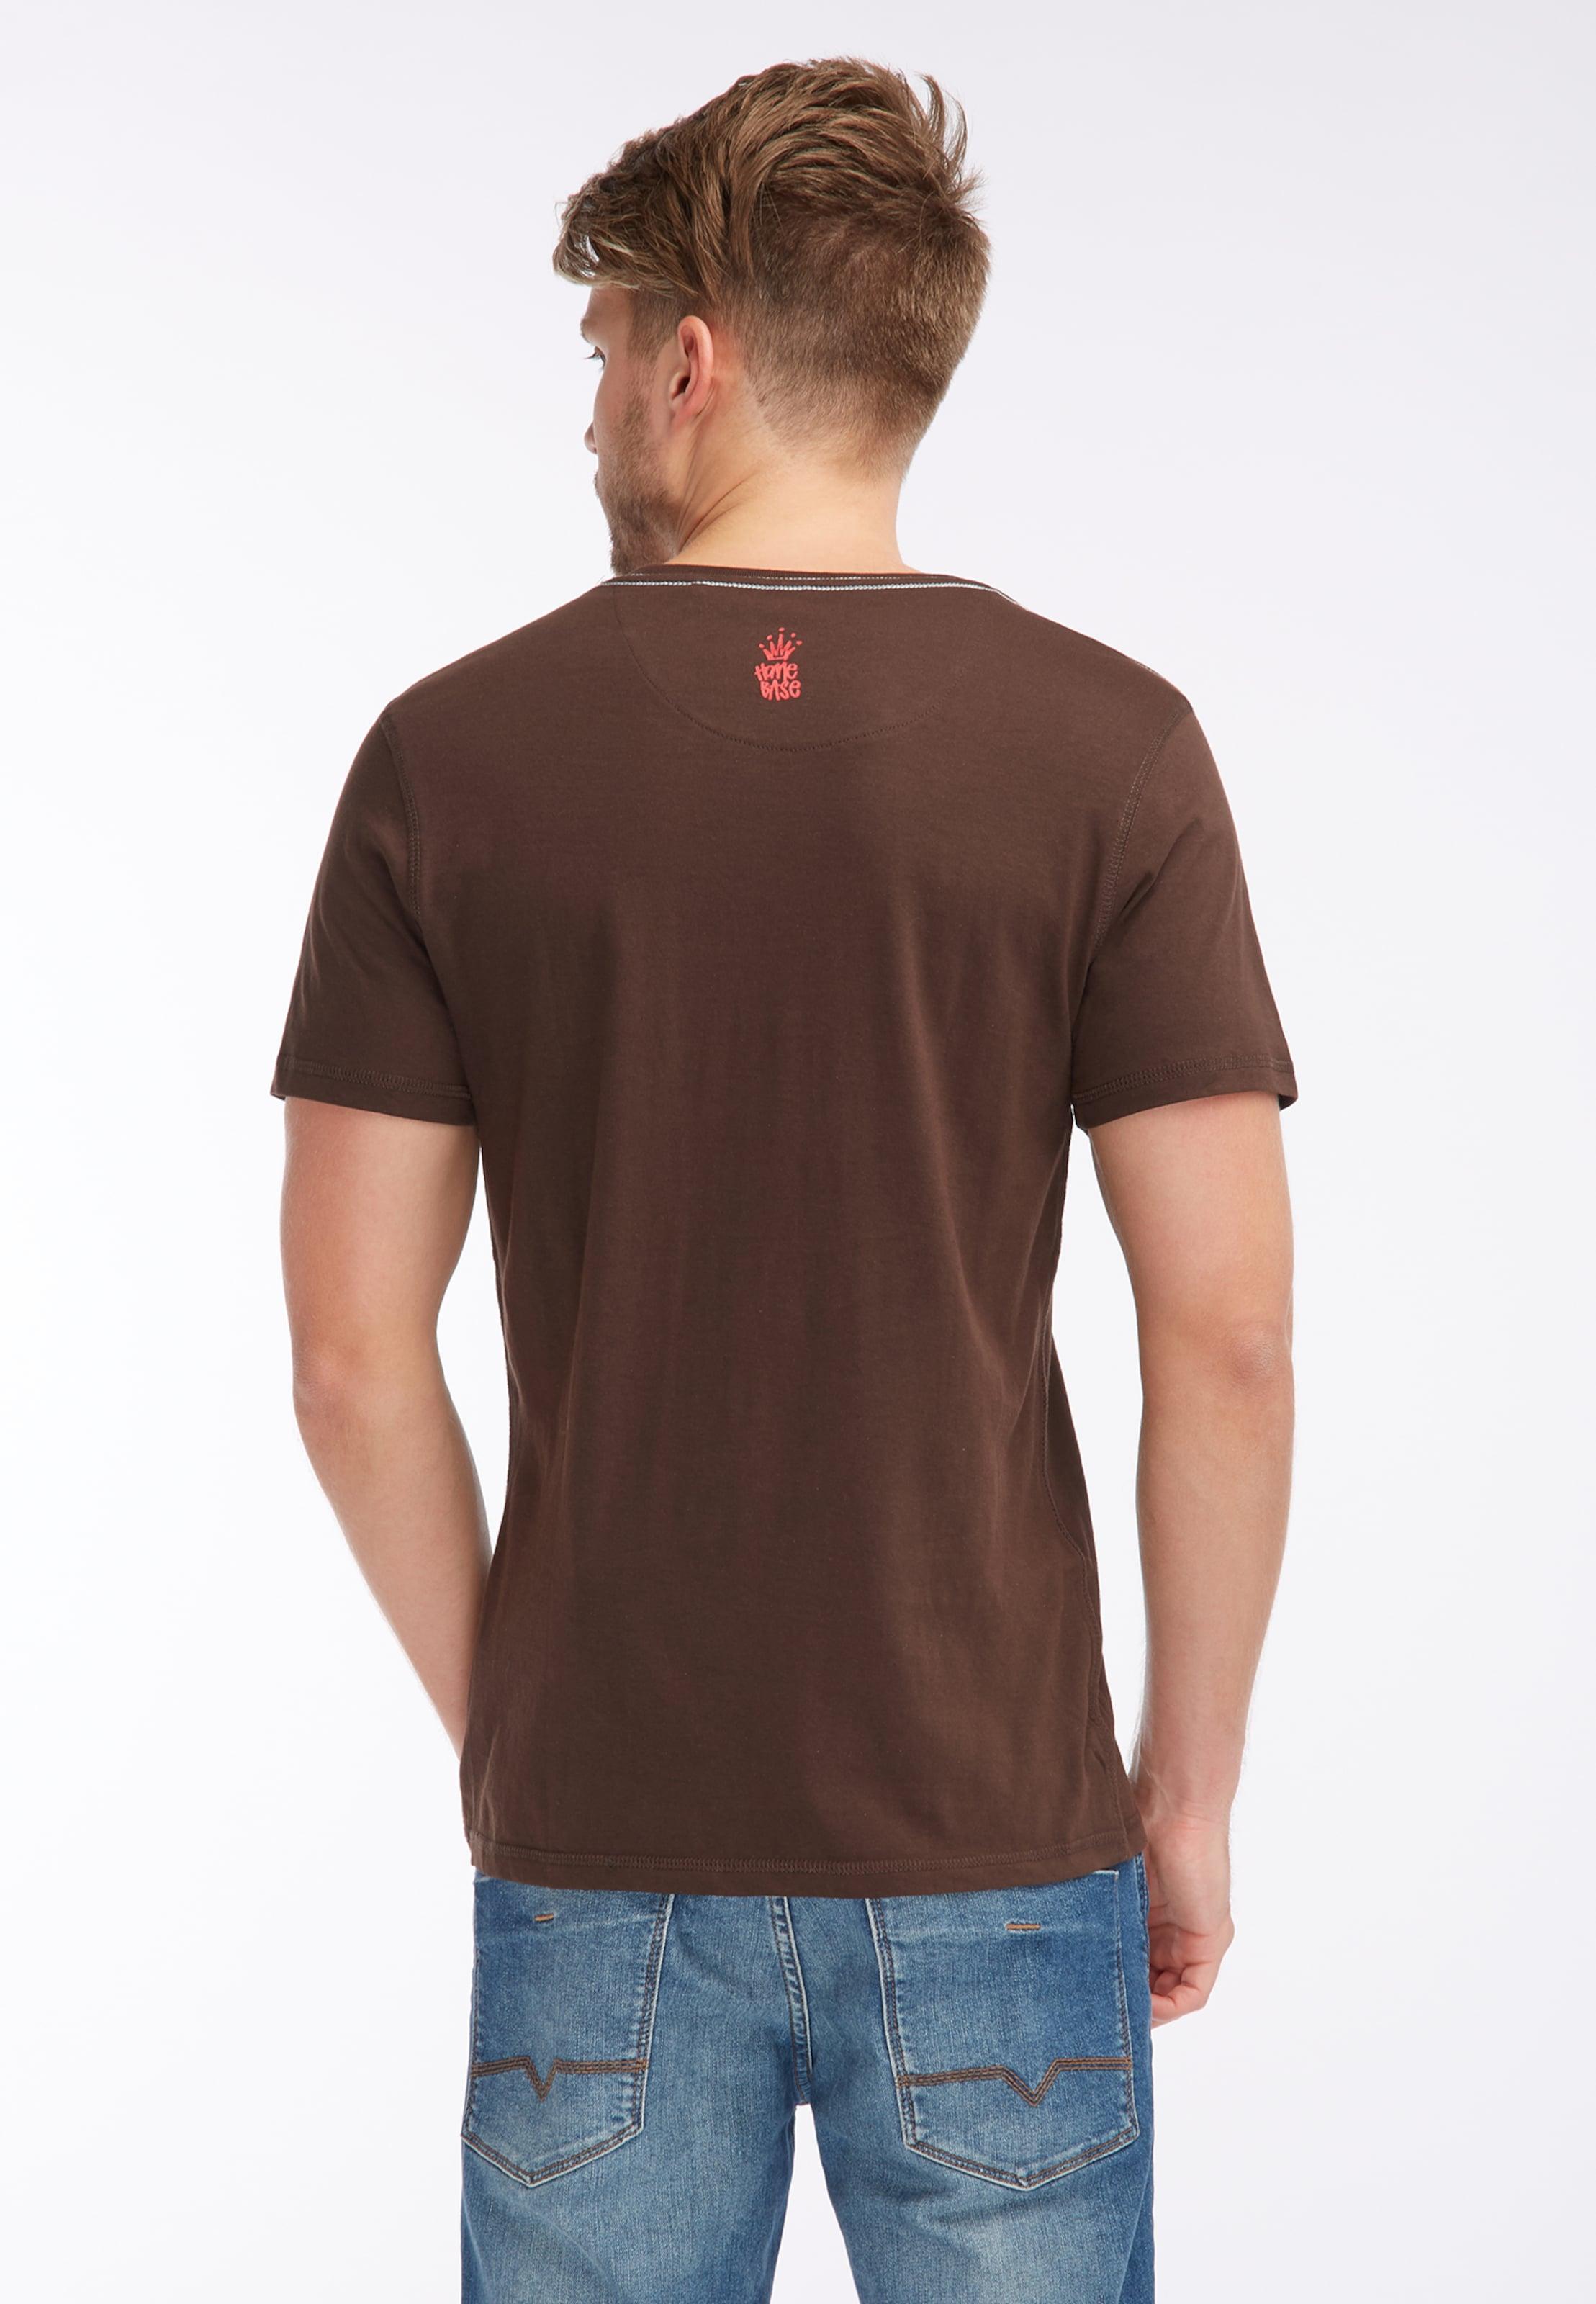 T shirt shirt In Braun T shirt In Braun Homebase Homebase Homebase T xBroedCW